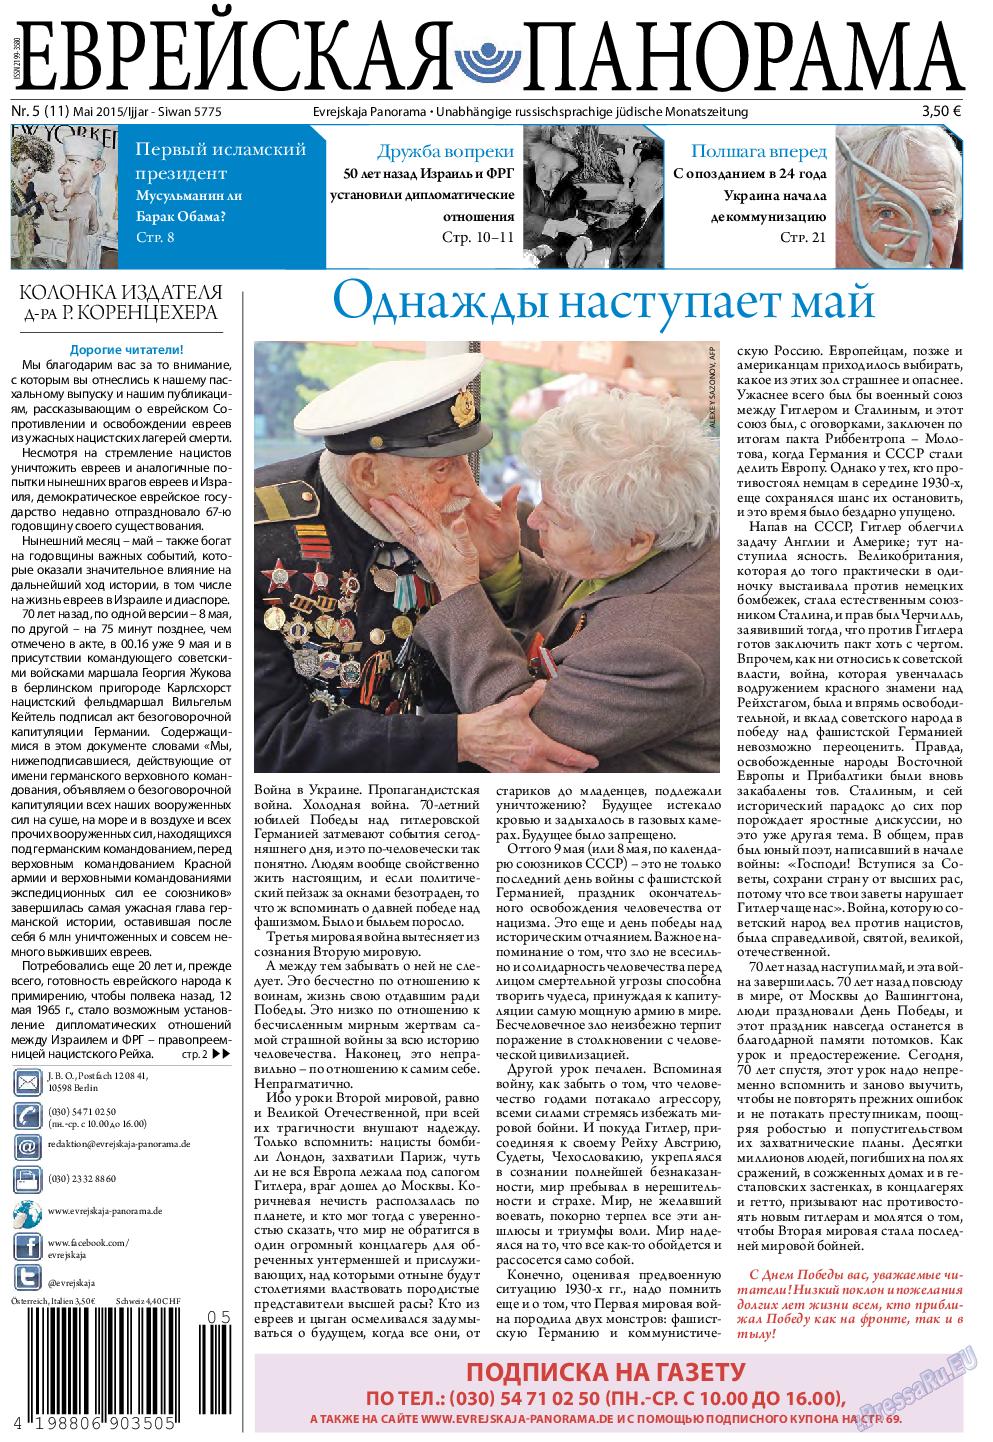 Еврейская панорама (газета). 2015 год, номер 5, стр. 1